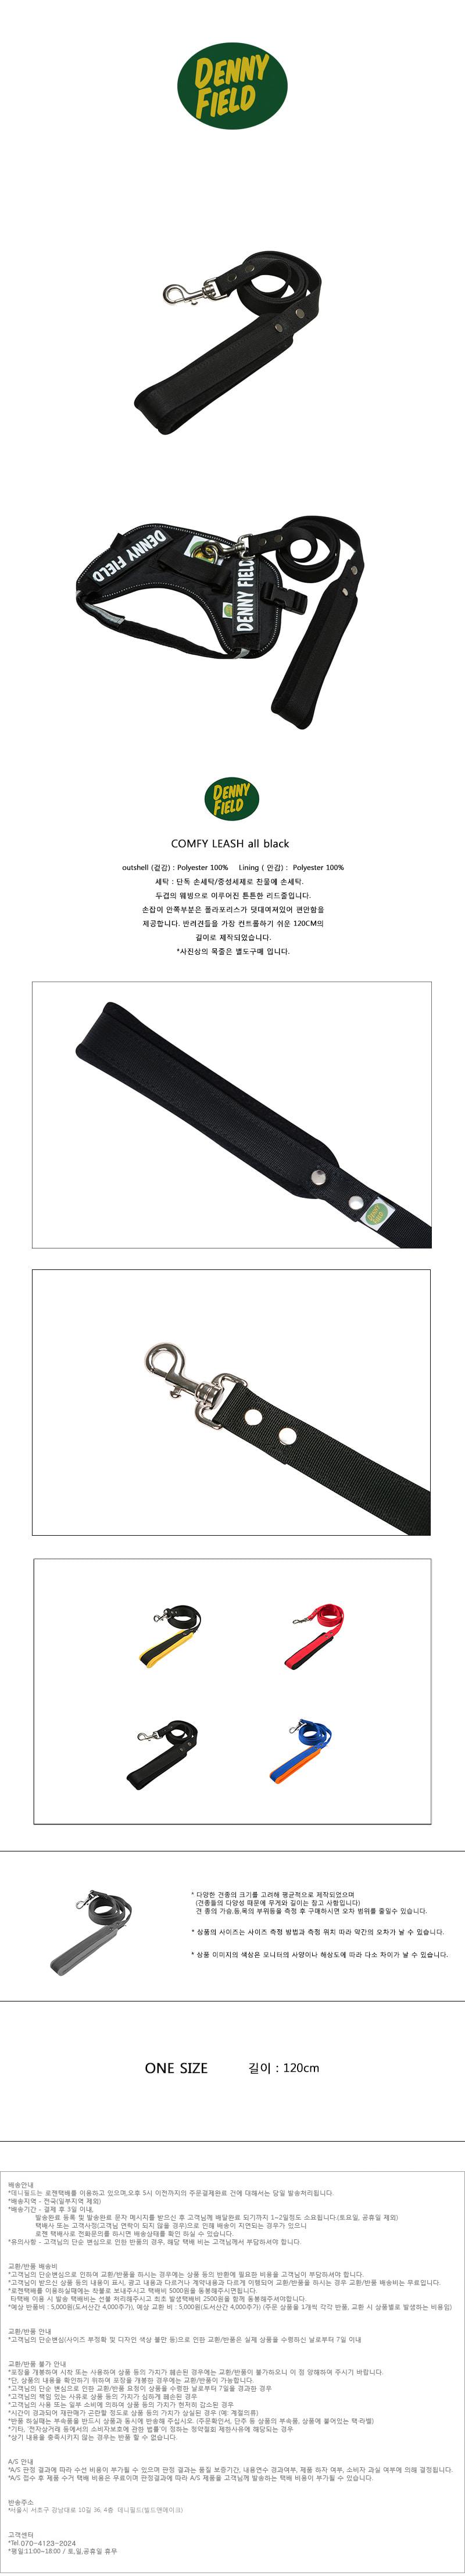 COMFY LEASH all black - 데니필드, 15,000원, 이동장/리드줄/야외용품, 리드줄